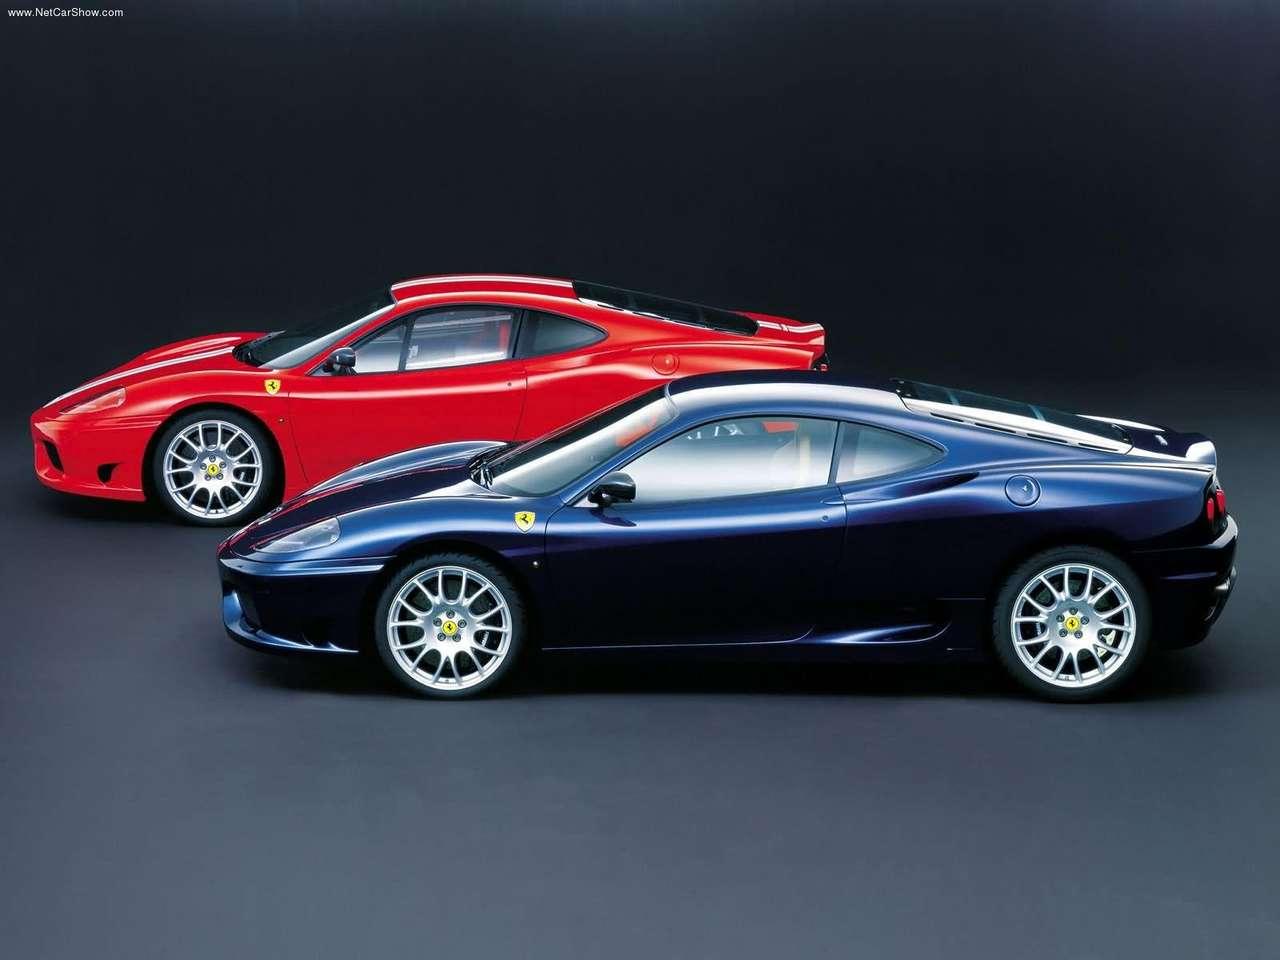 ... Populaire francais d'automobiles: 2003 Ferrari 360 Challenge Stradale